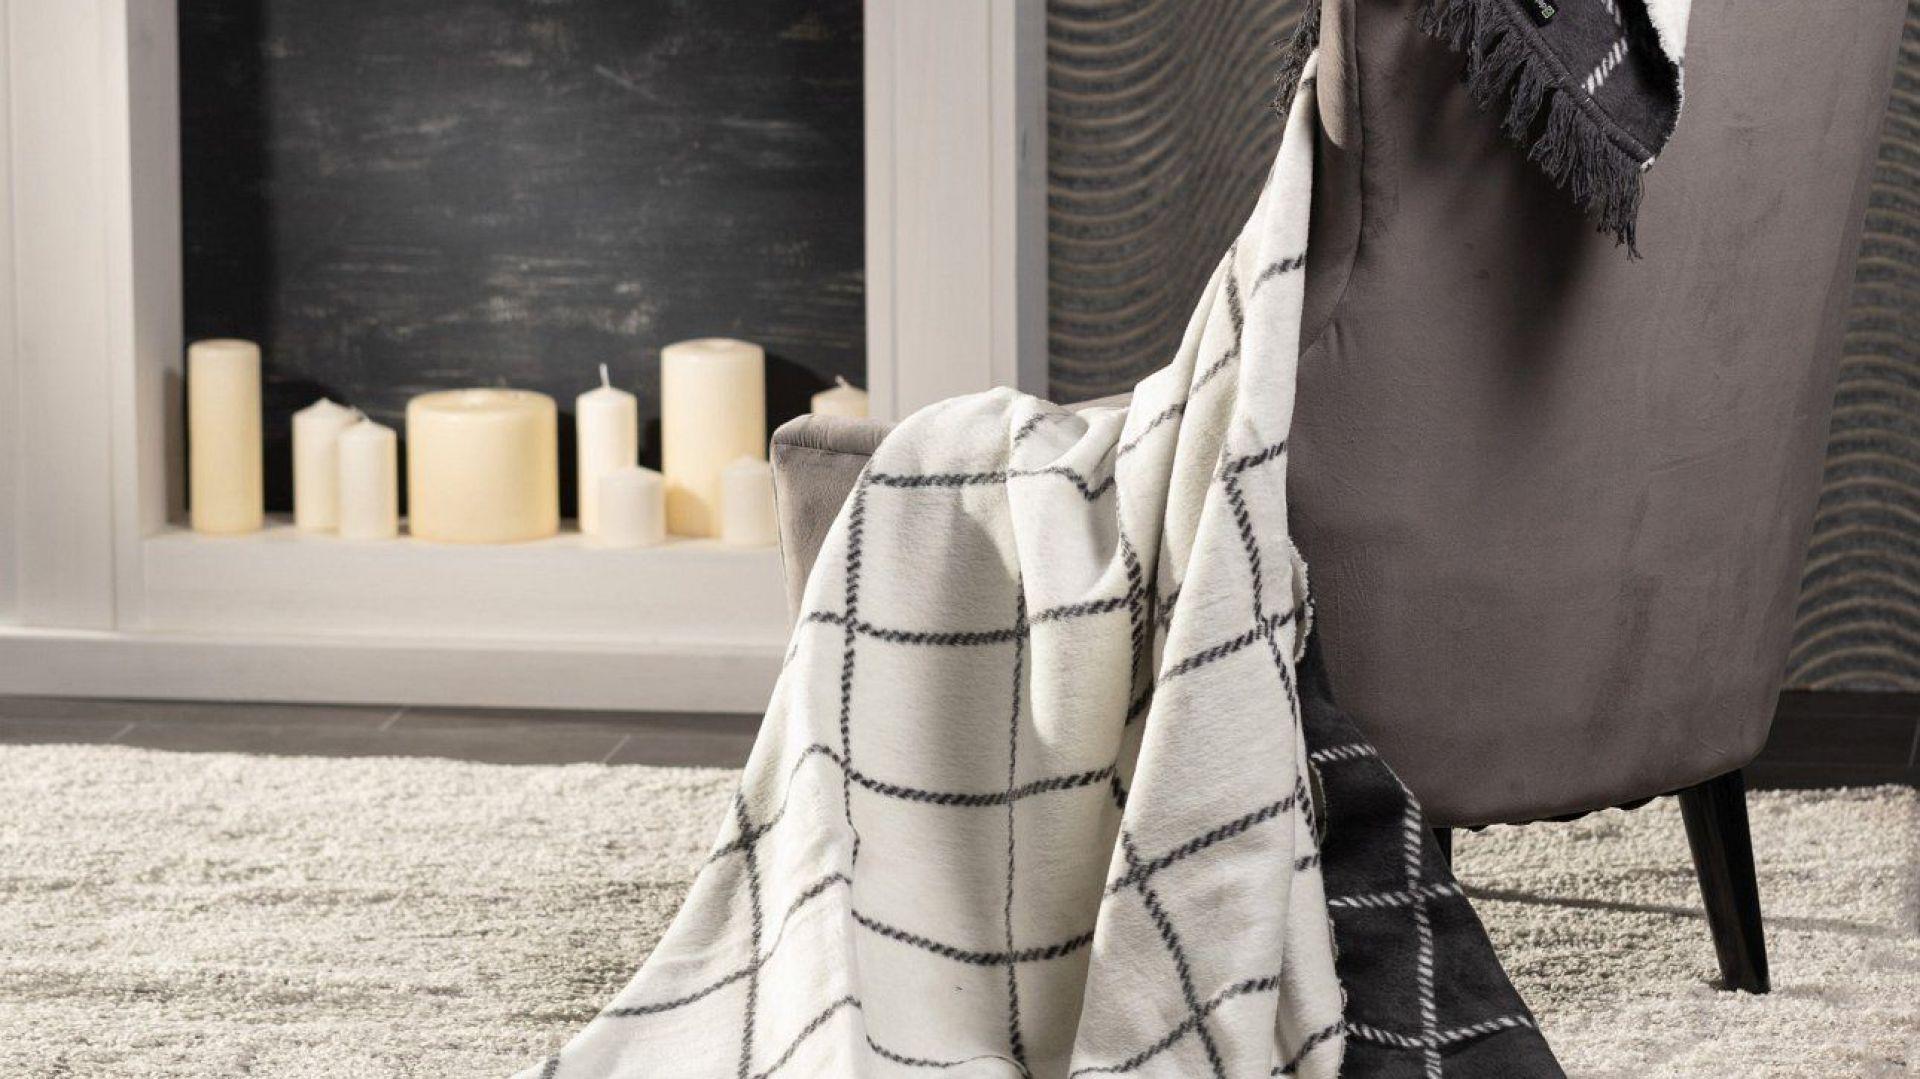 Одеяло, плед, подушки и освещение - мы украшаем дом на праздники